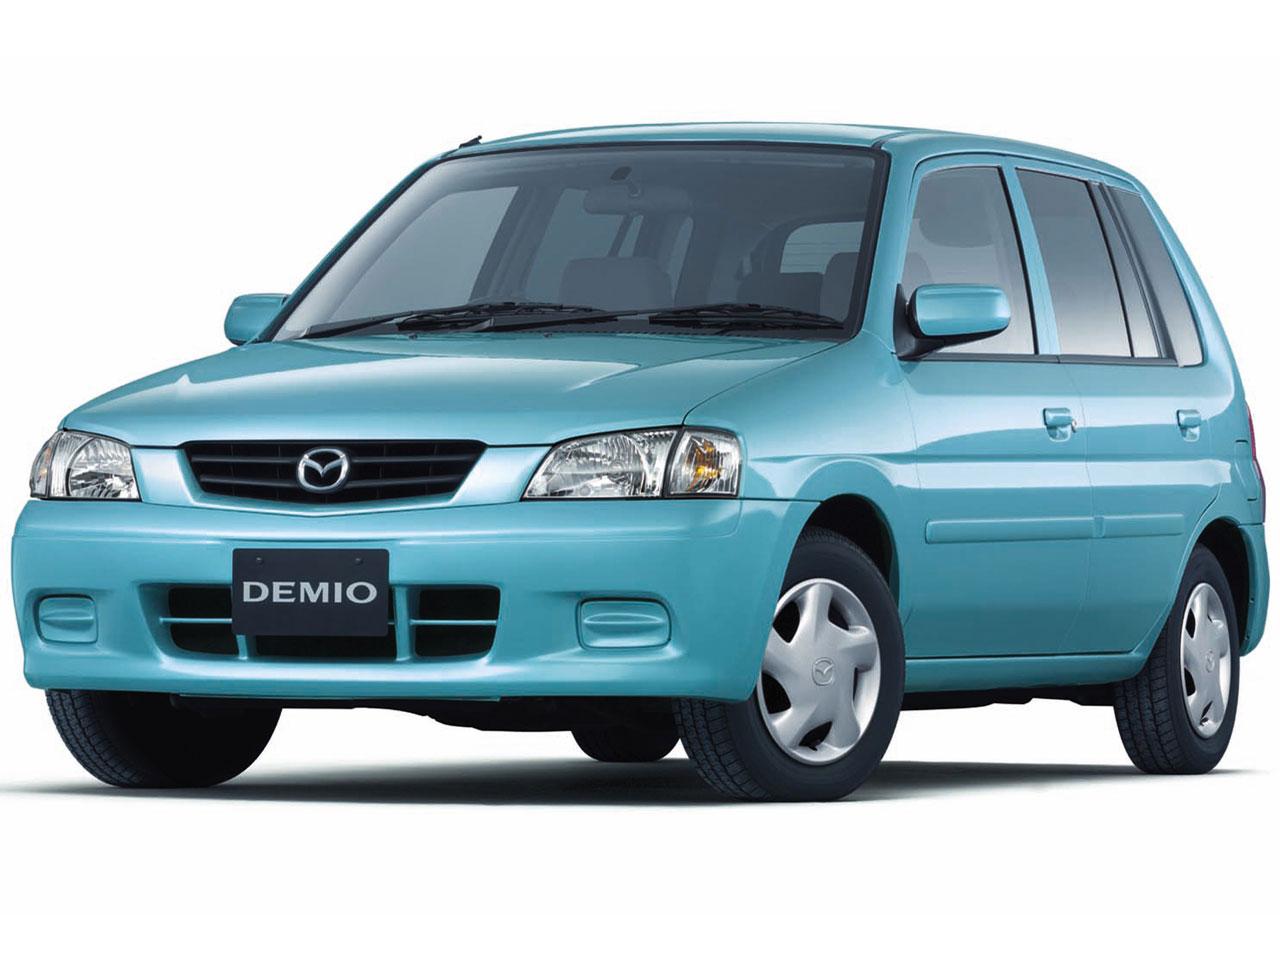 マツダ デミオ 1996年モデル 新車画像